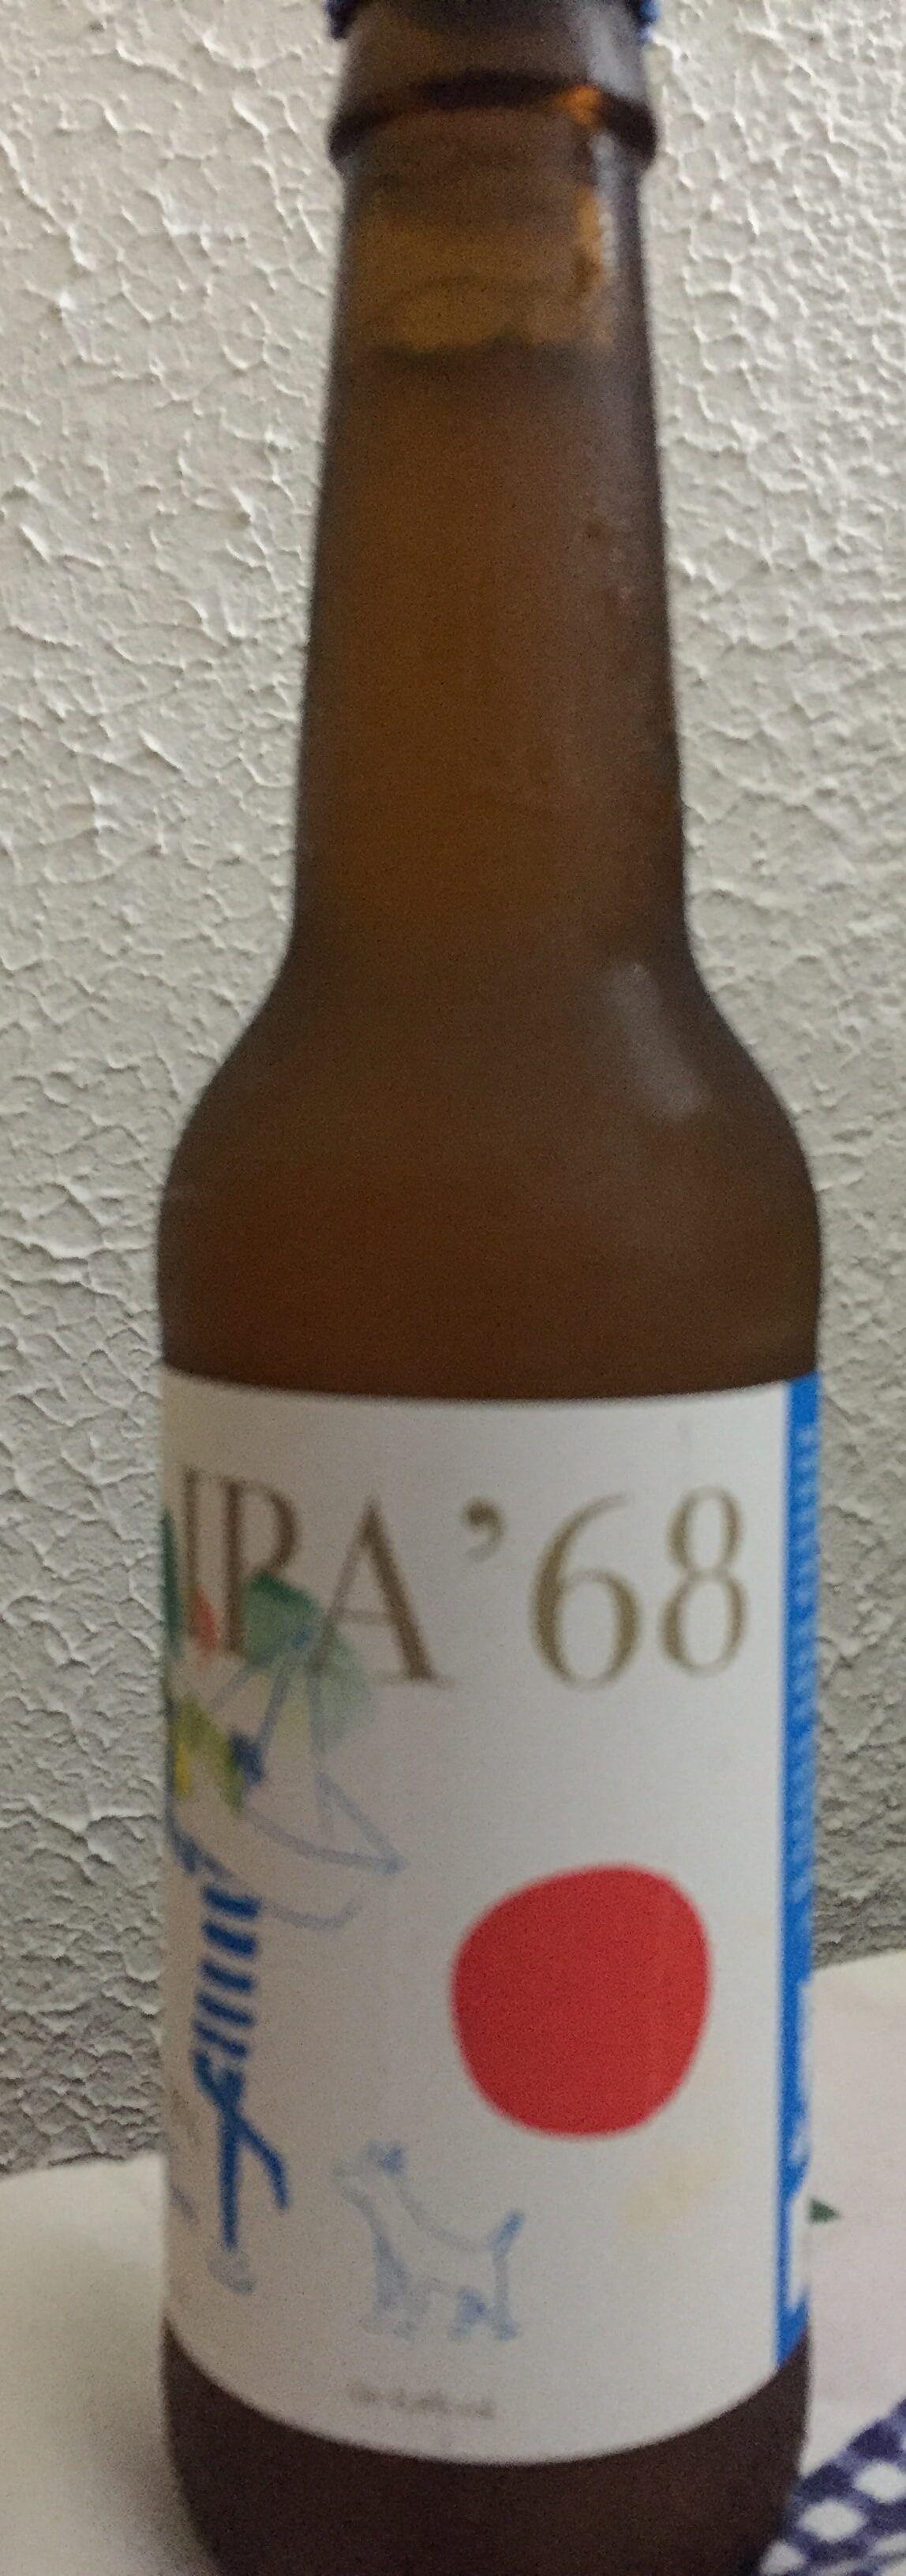 cerveza artesanal ipa 68